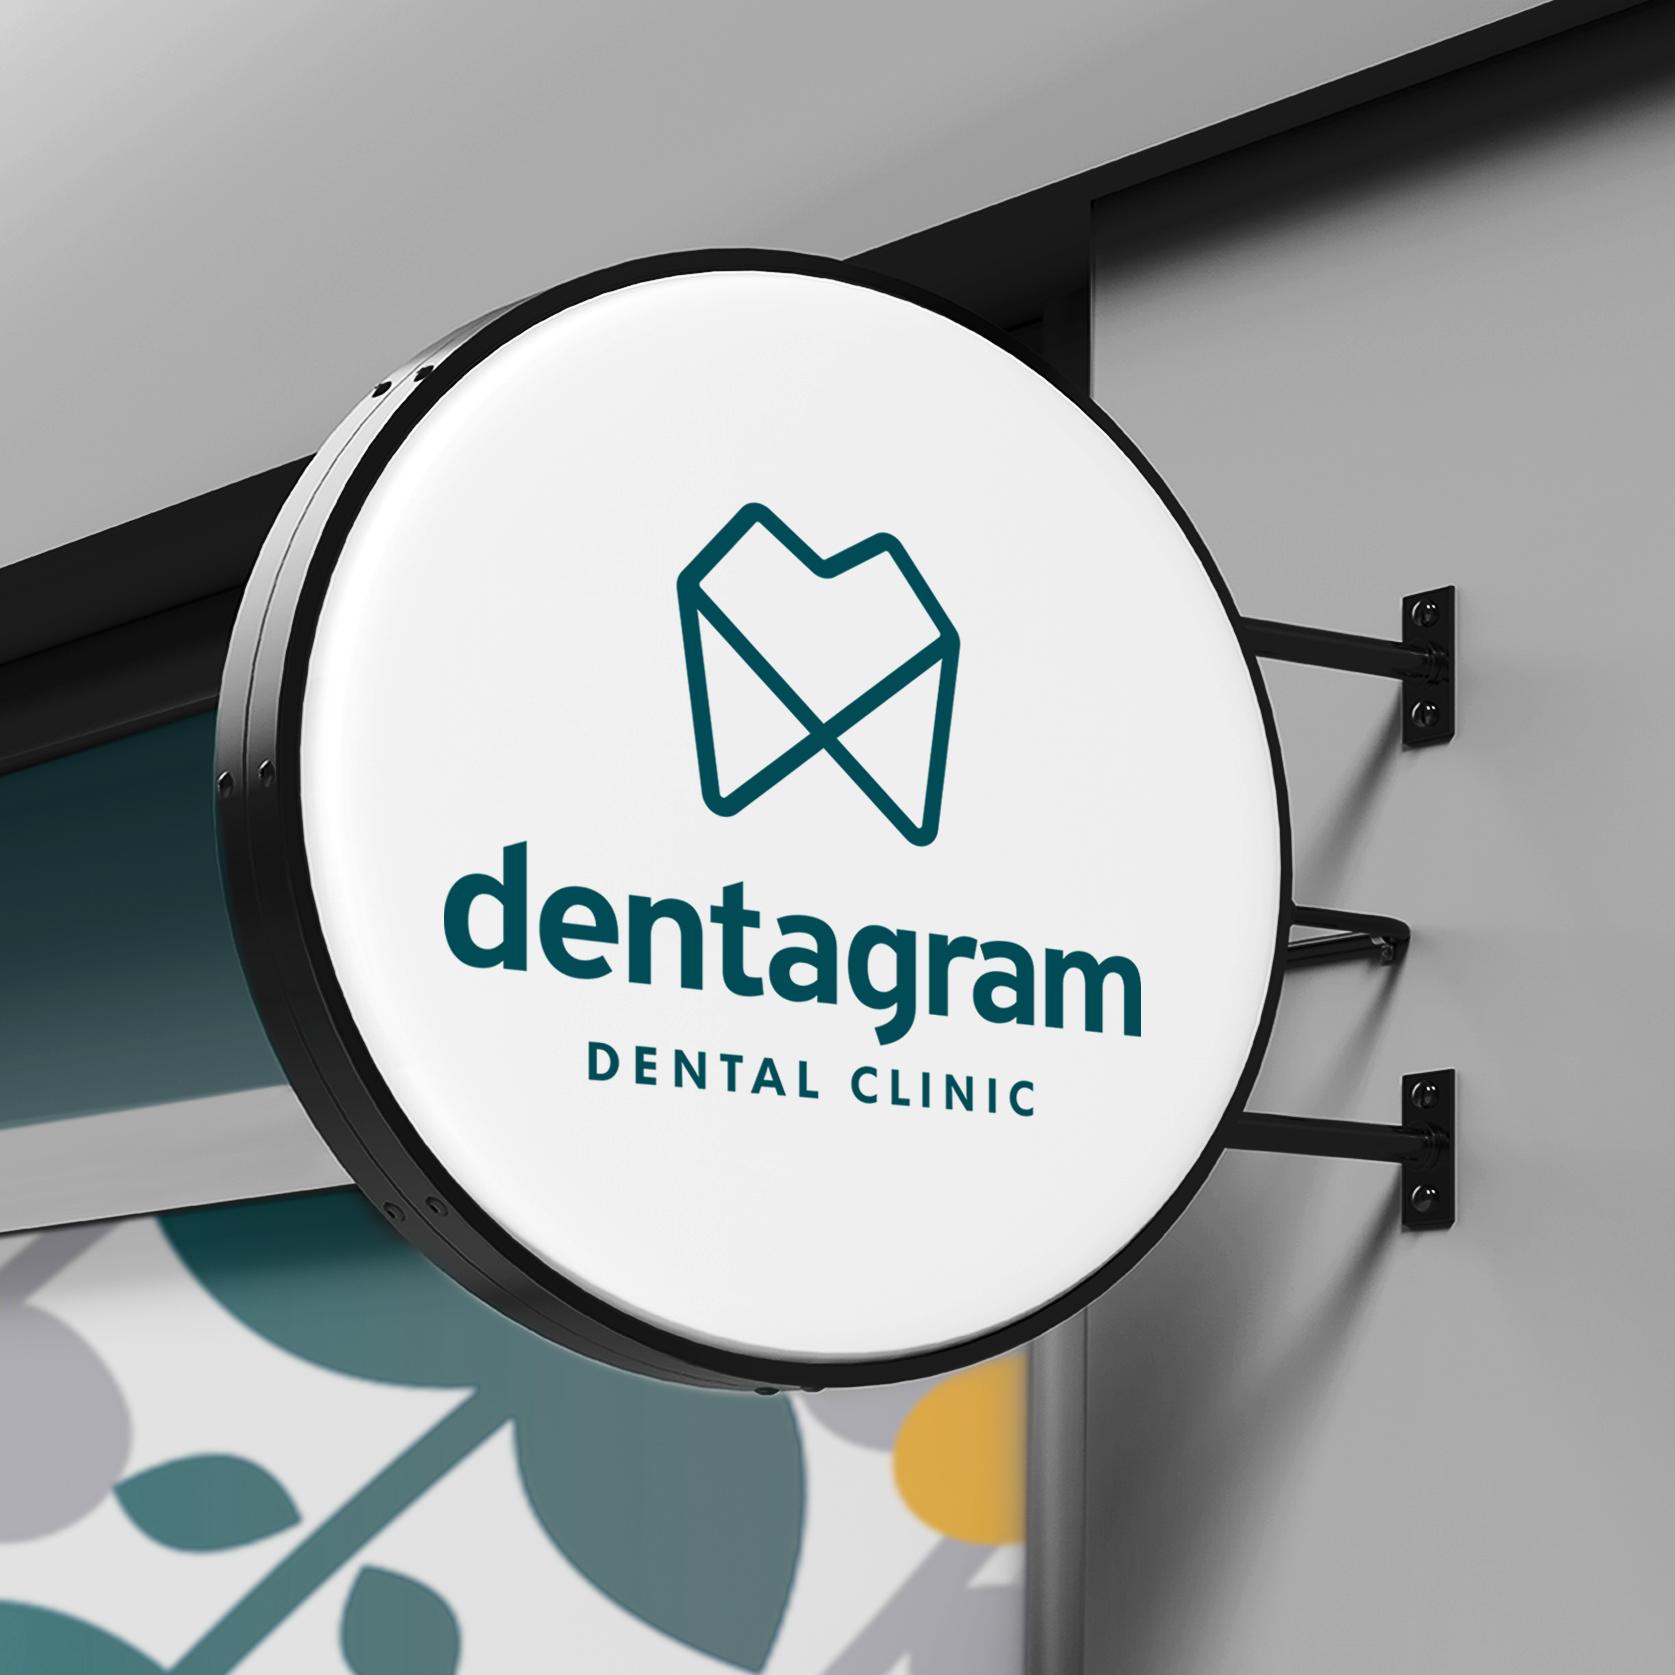 Dentagram